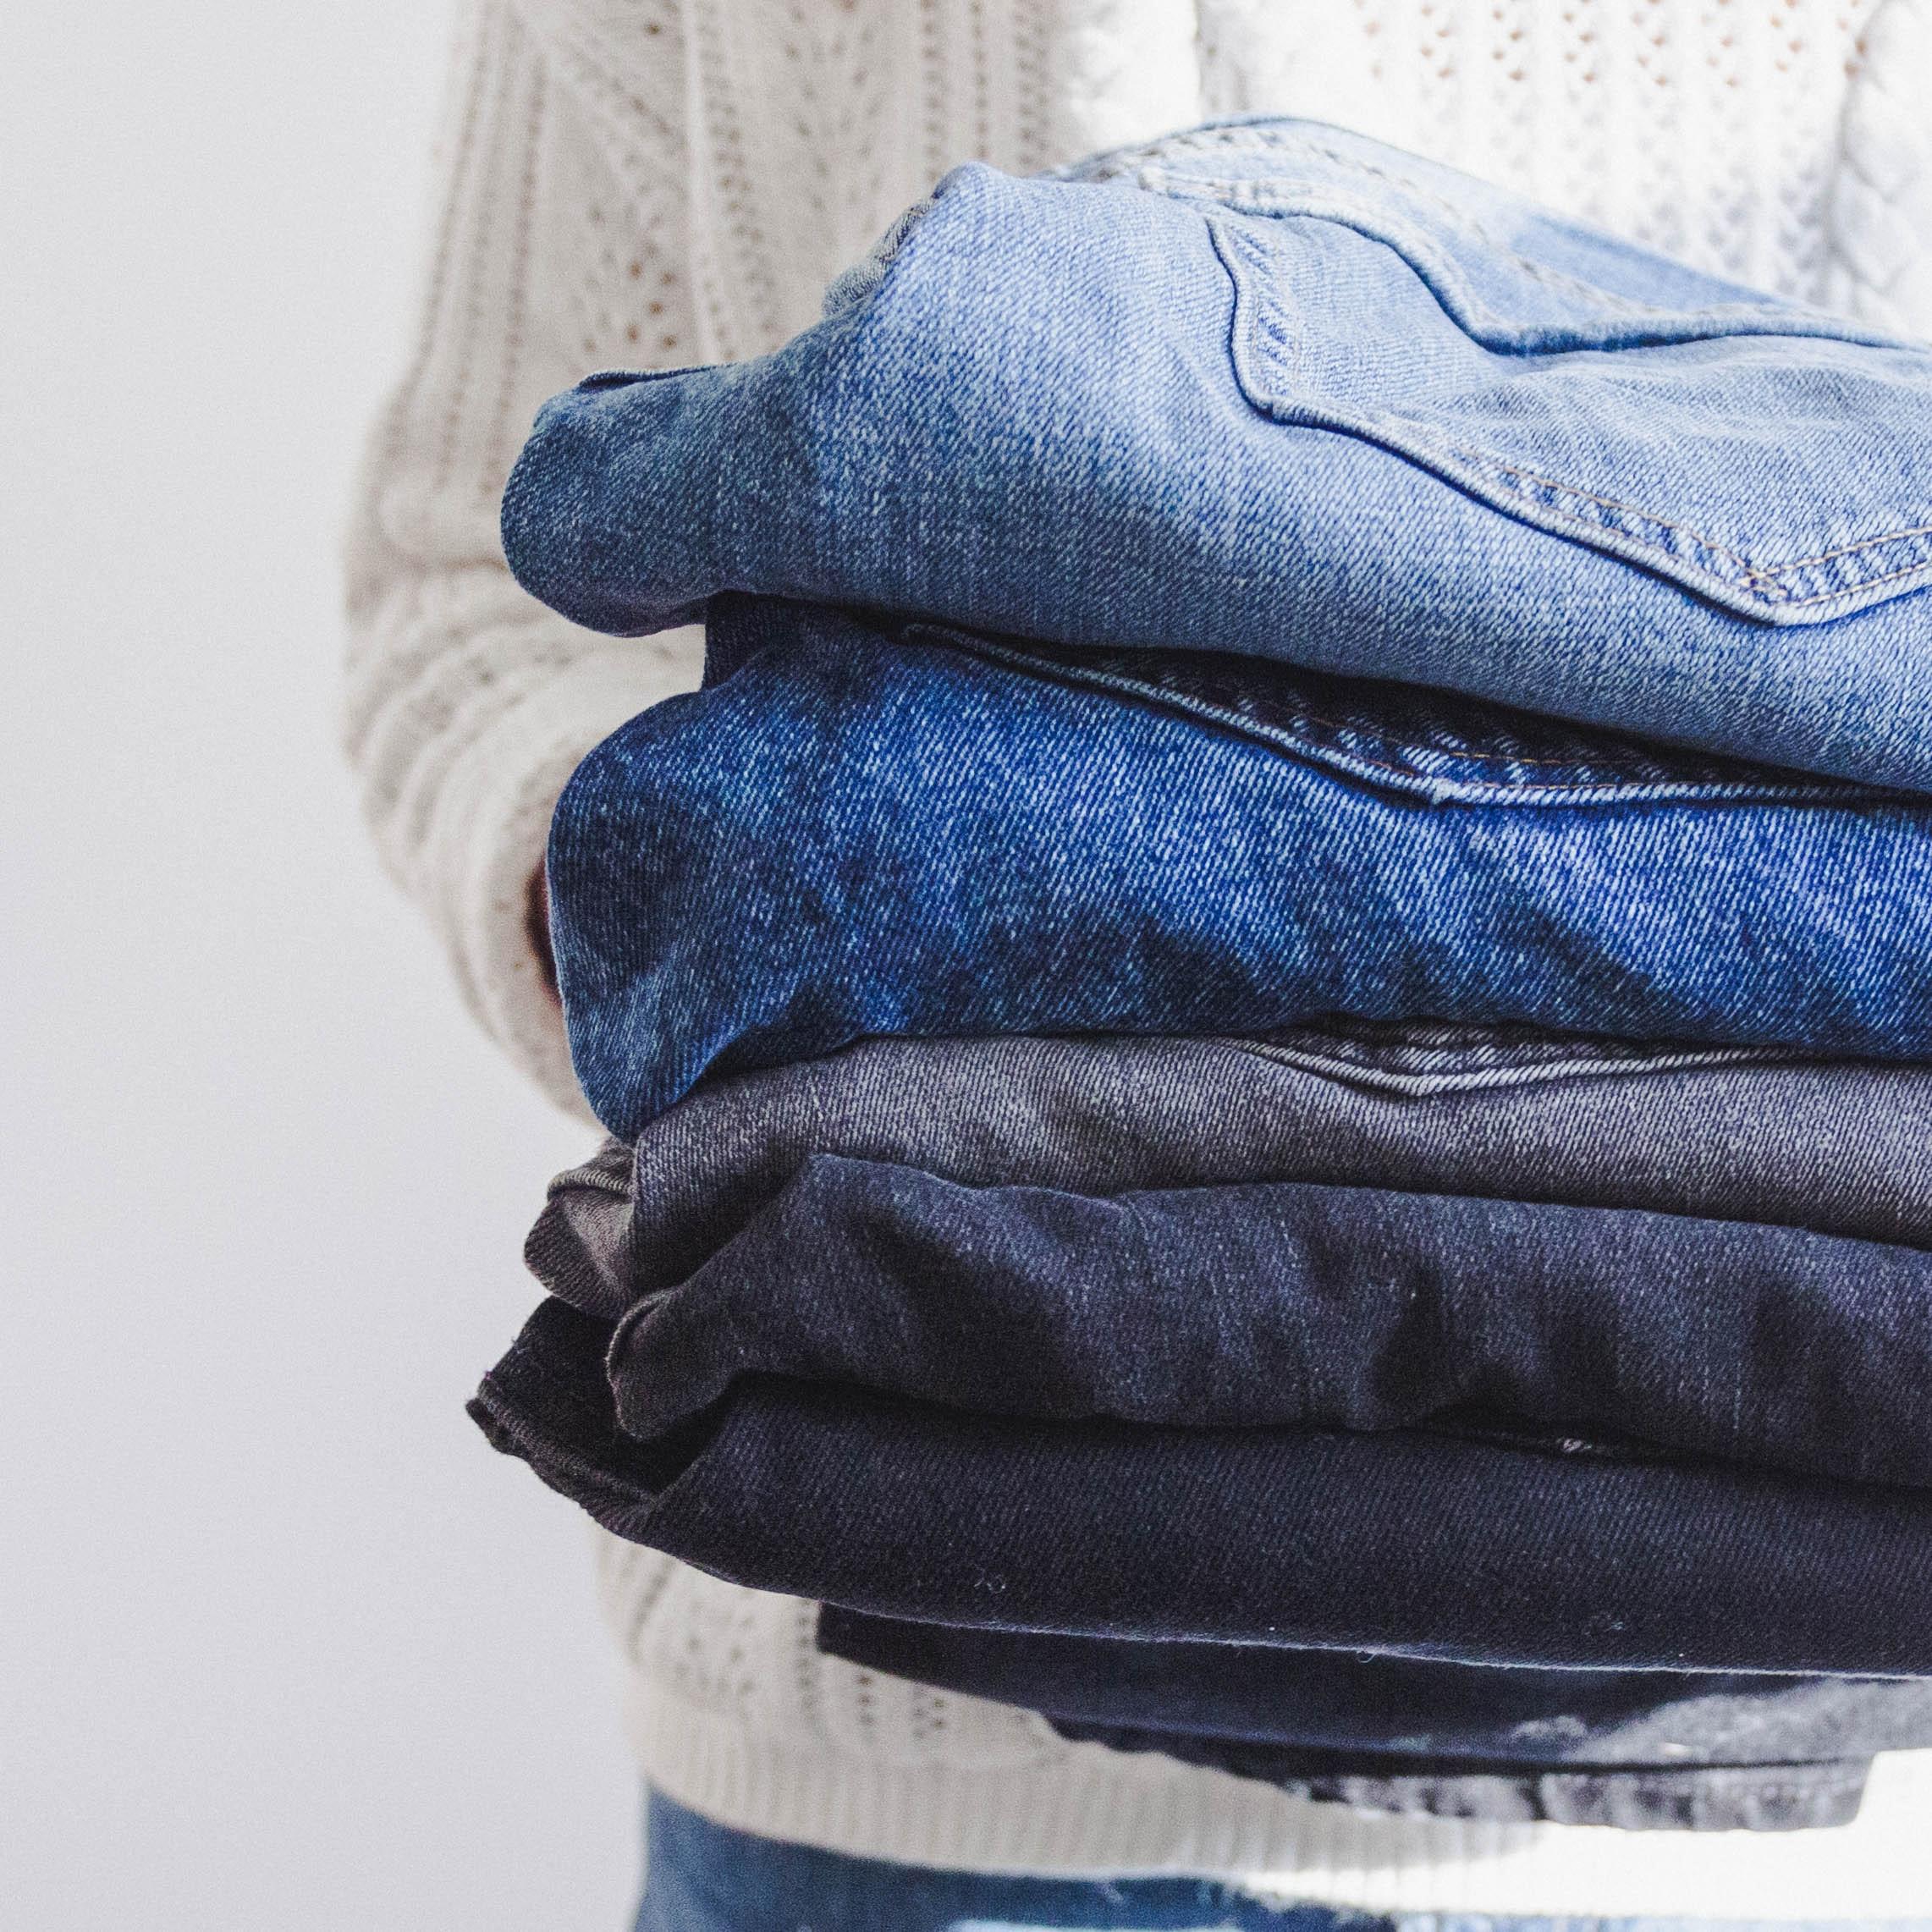 Ensemble de jeans superposés les uns sur les autres de taille, coupe et couleurs différentes